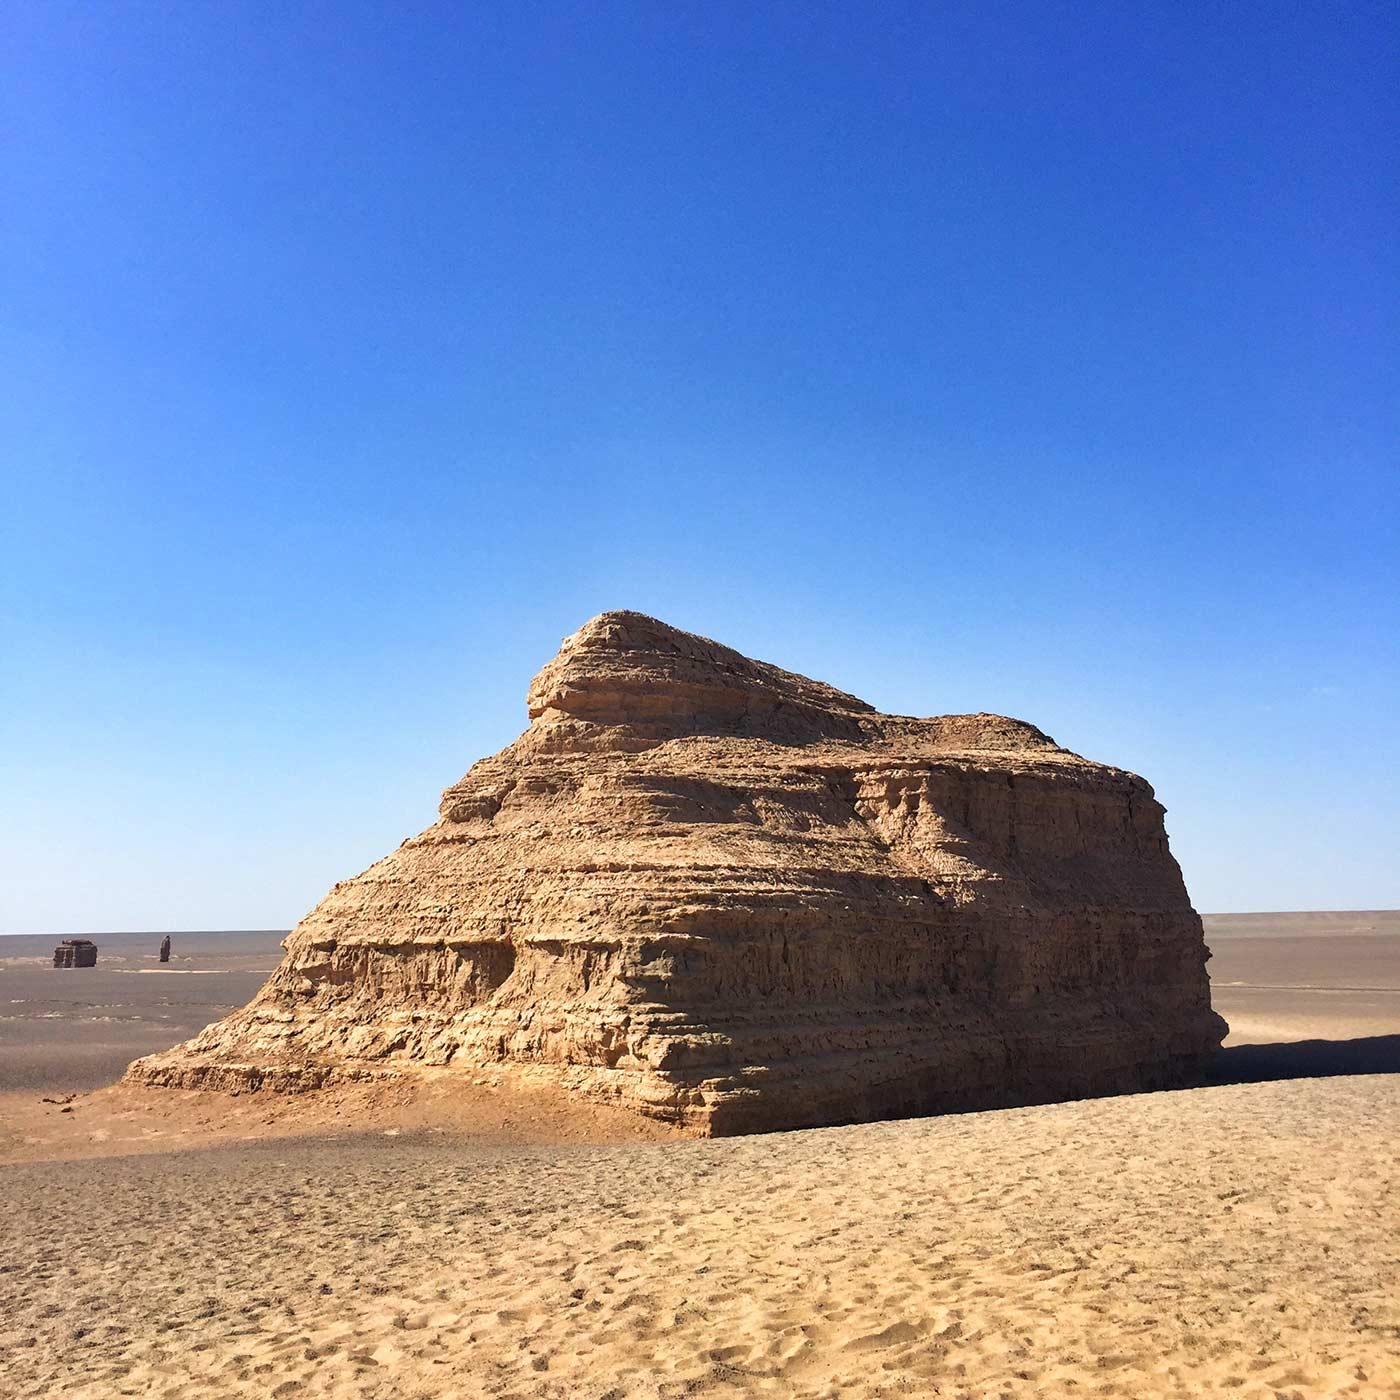 雅丹地貌之狮身人面金字塔